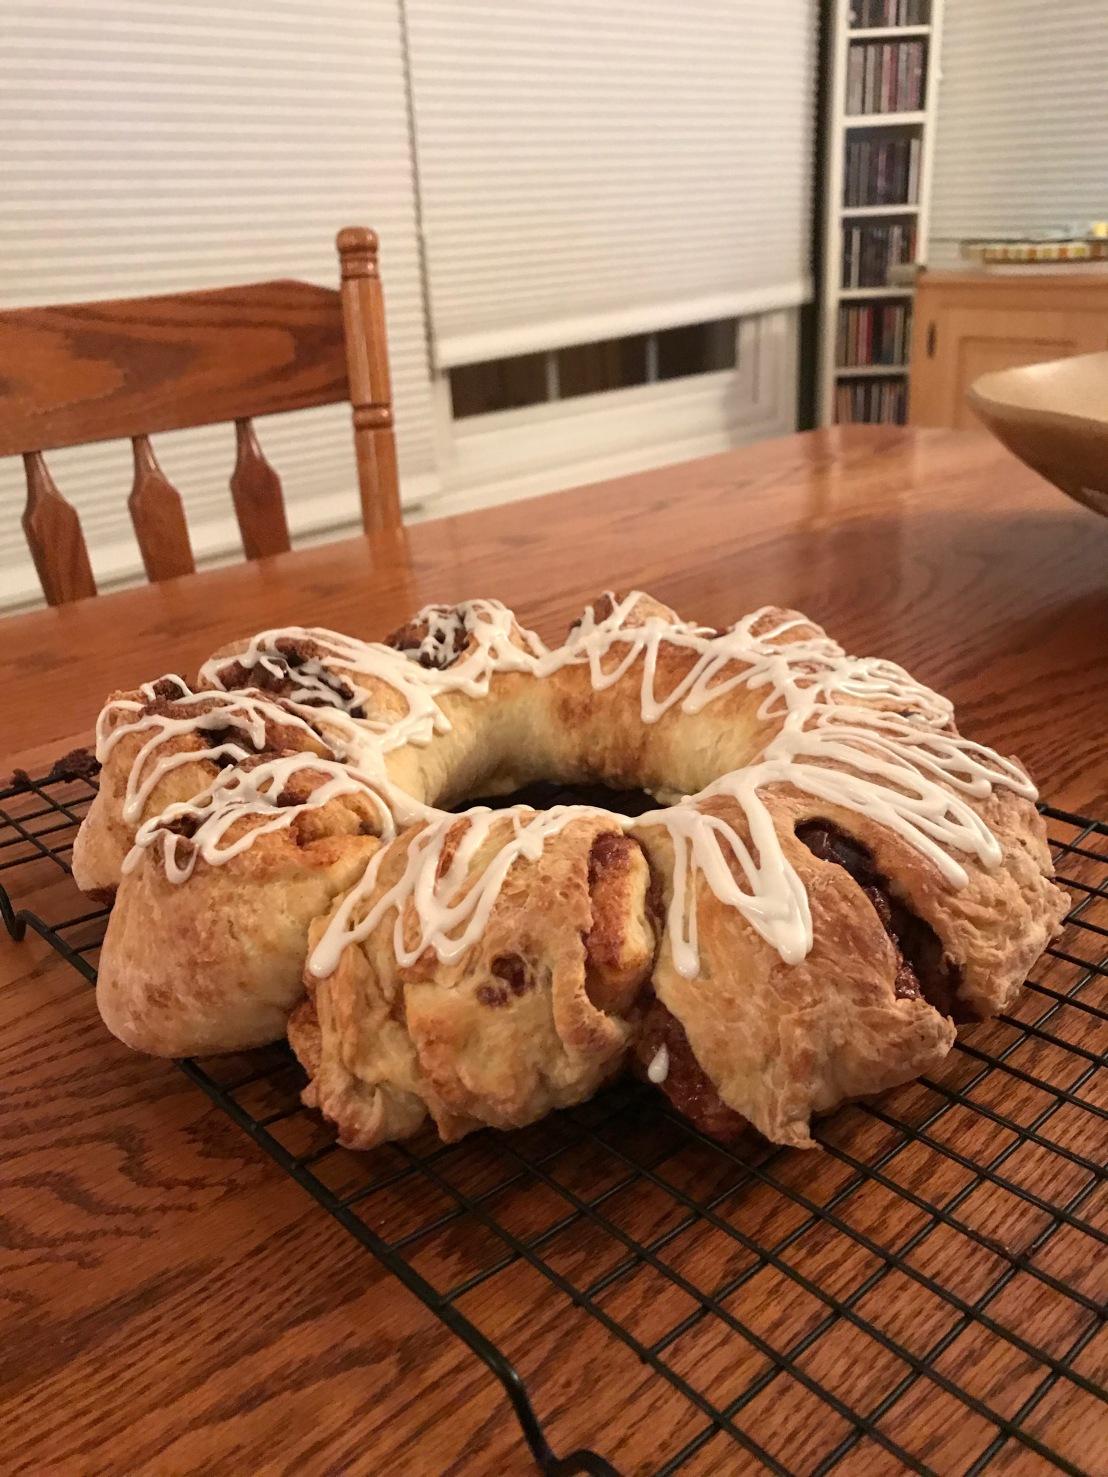 Adventures in Baking No. 38: CinnamonRolls!